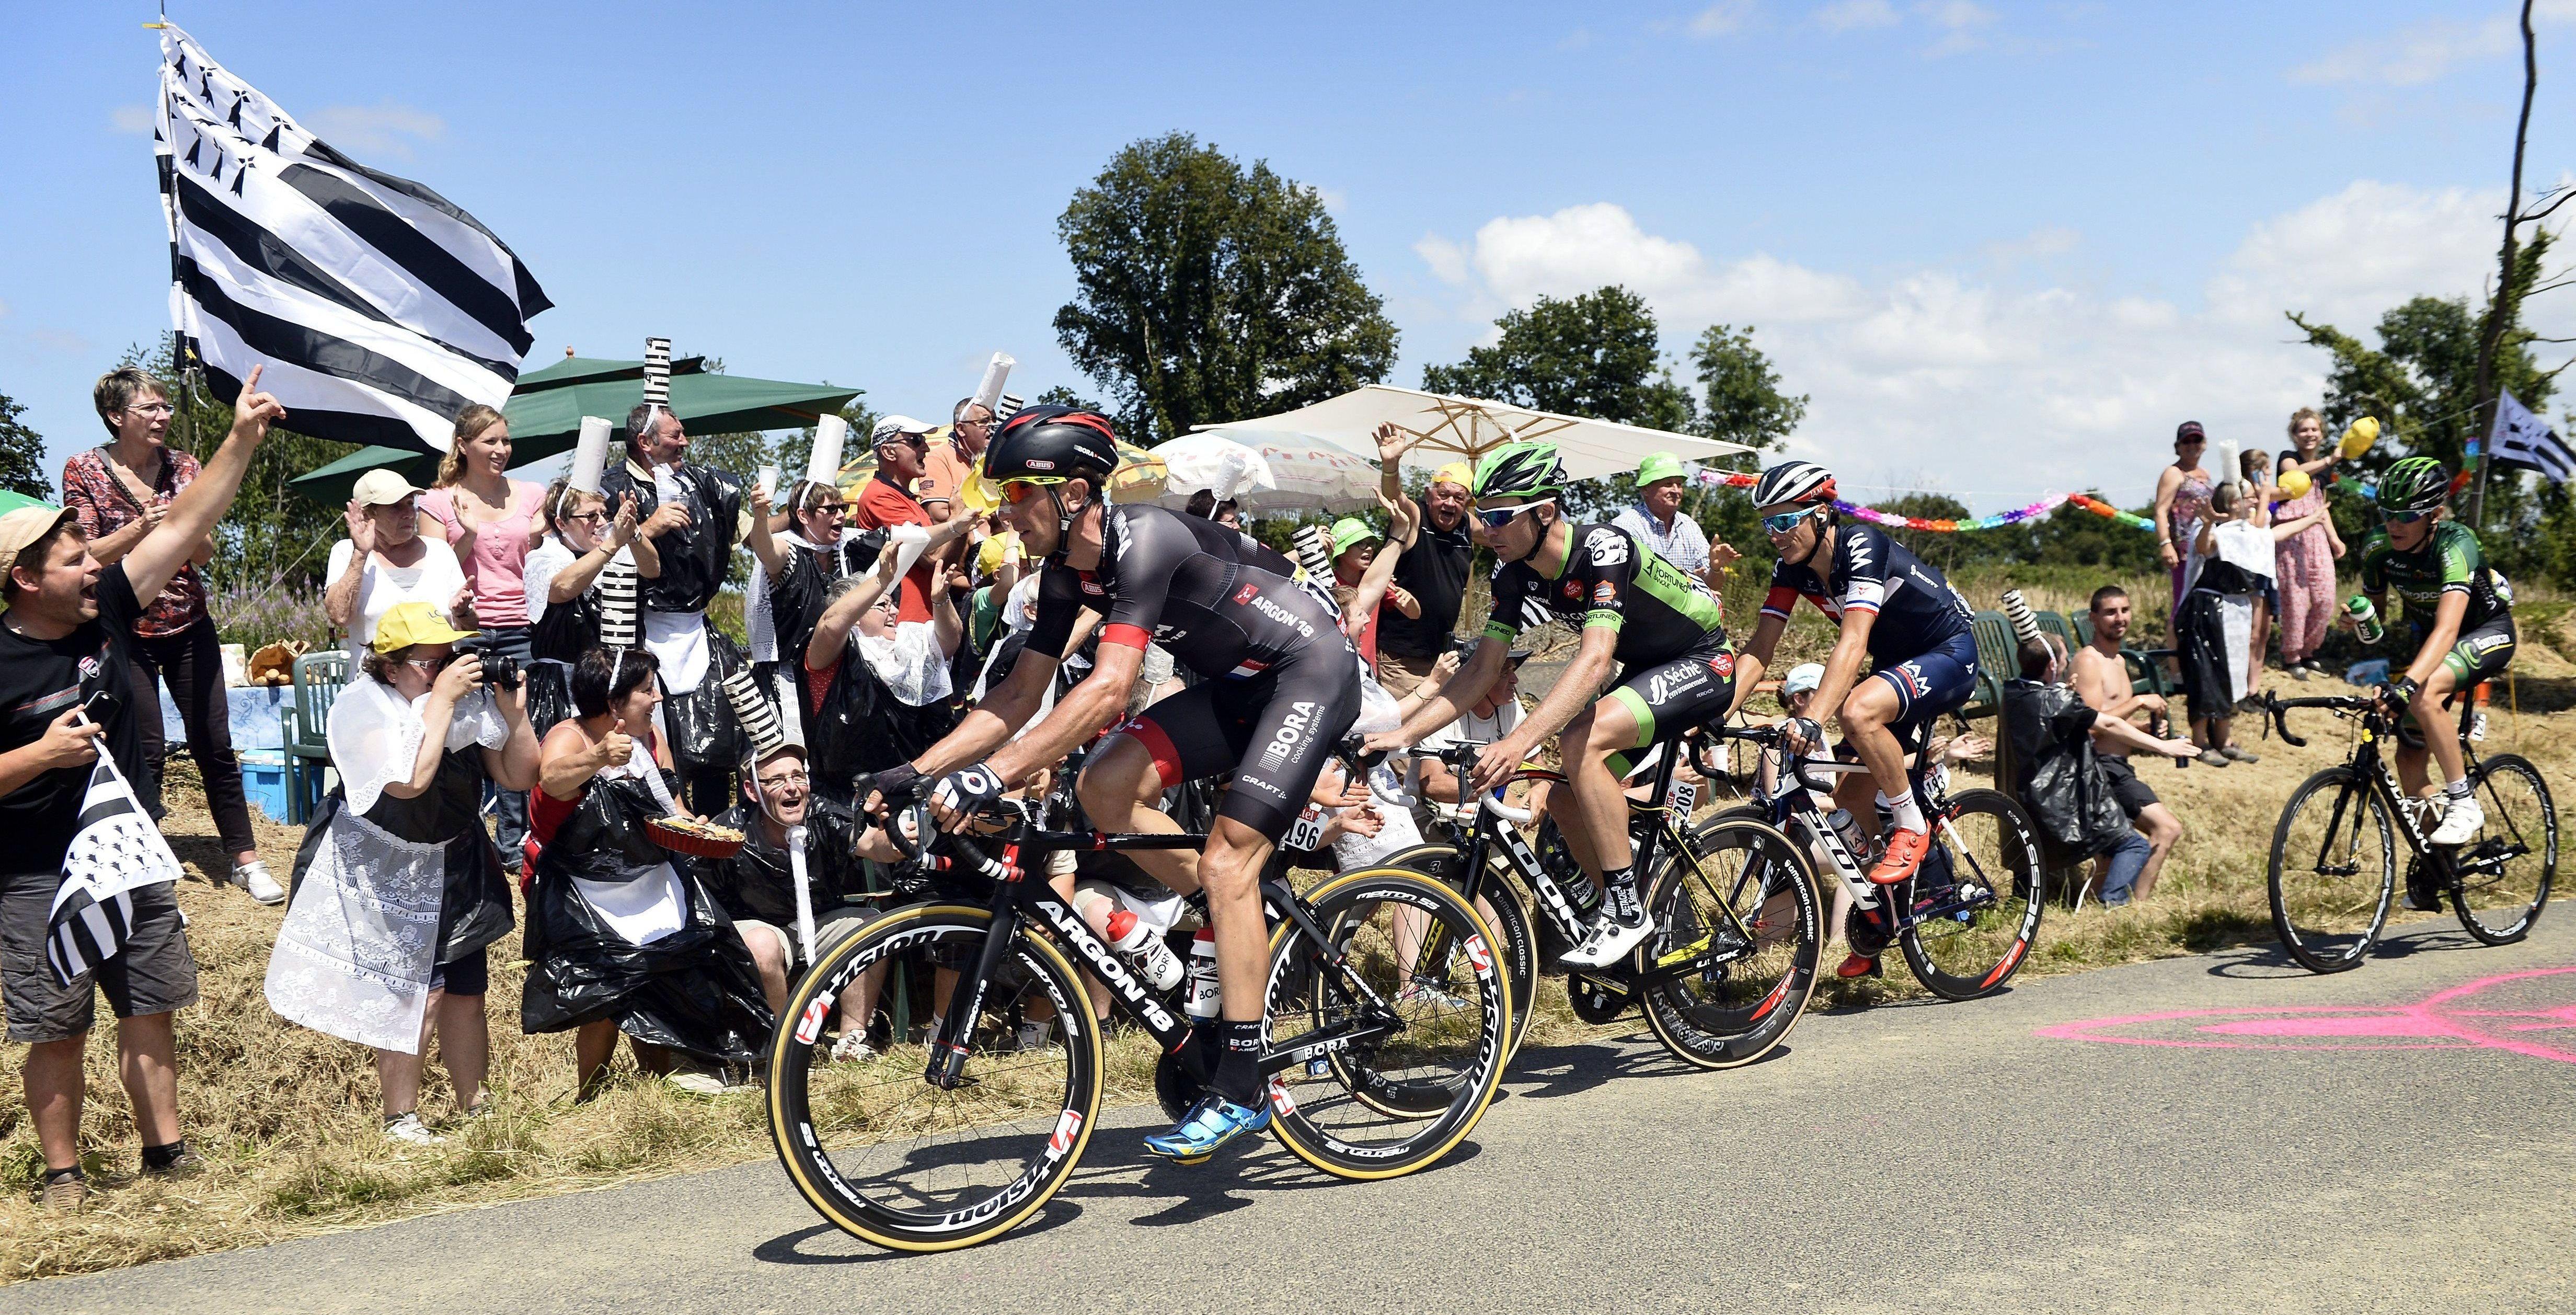 Cyclisme - Tour de France - Tour de France 2018: Les 11 chiffres marquants qu'il faut retenir